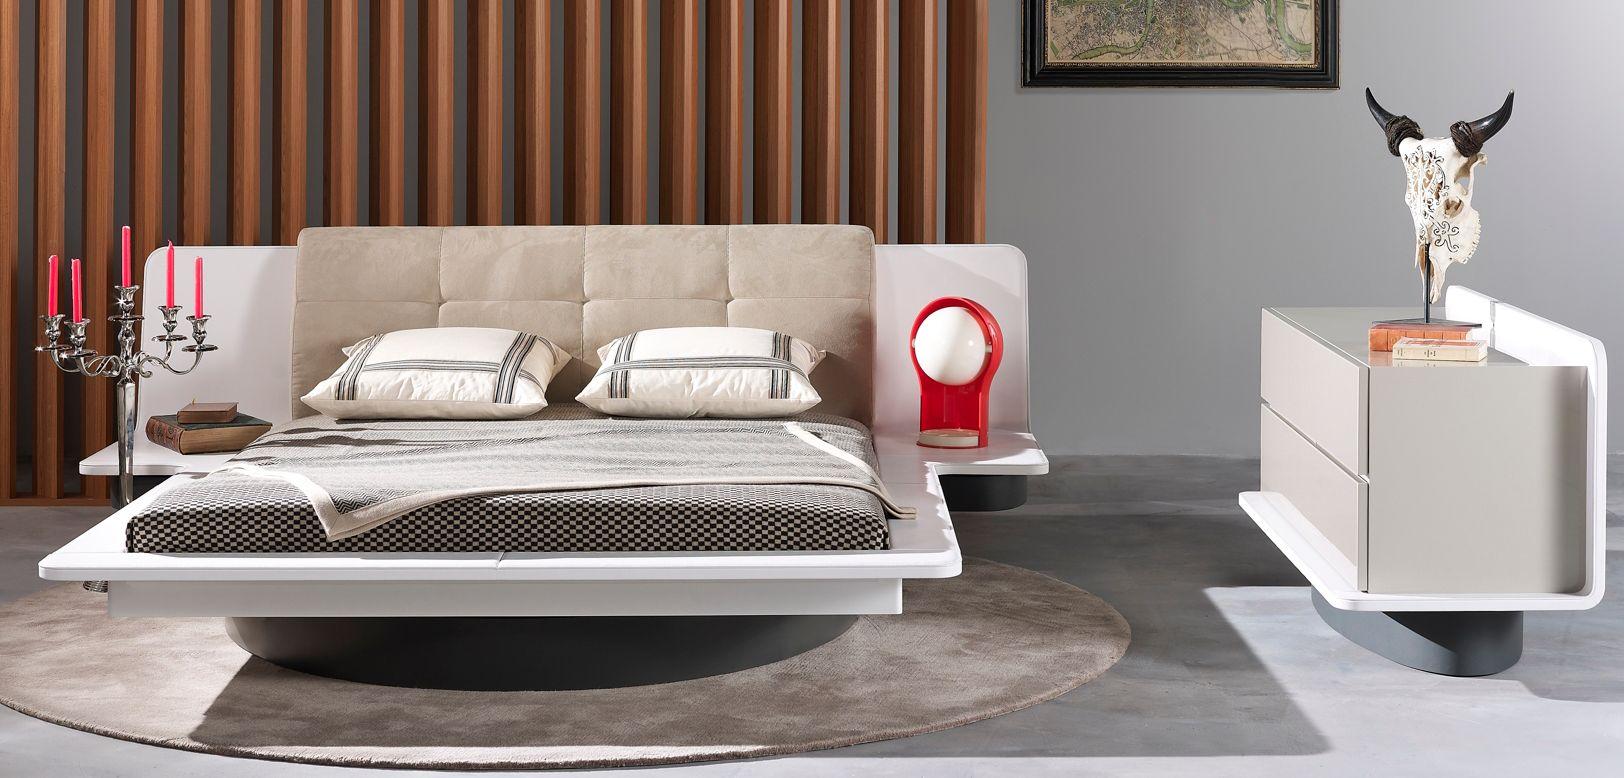 bagatelle dresser roche bobois. Black Bedroom Furniture Sets. Home Design Ideas